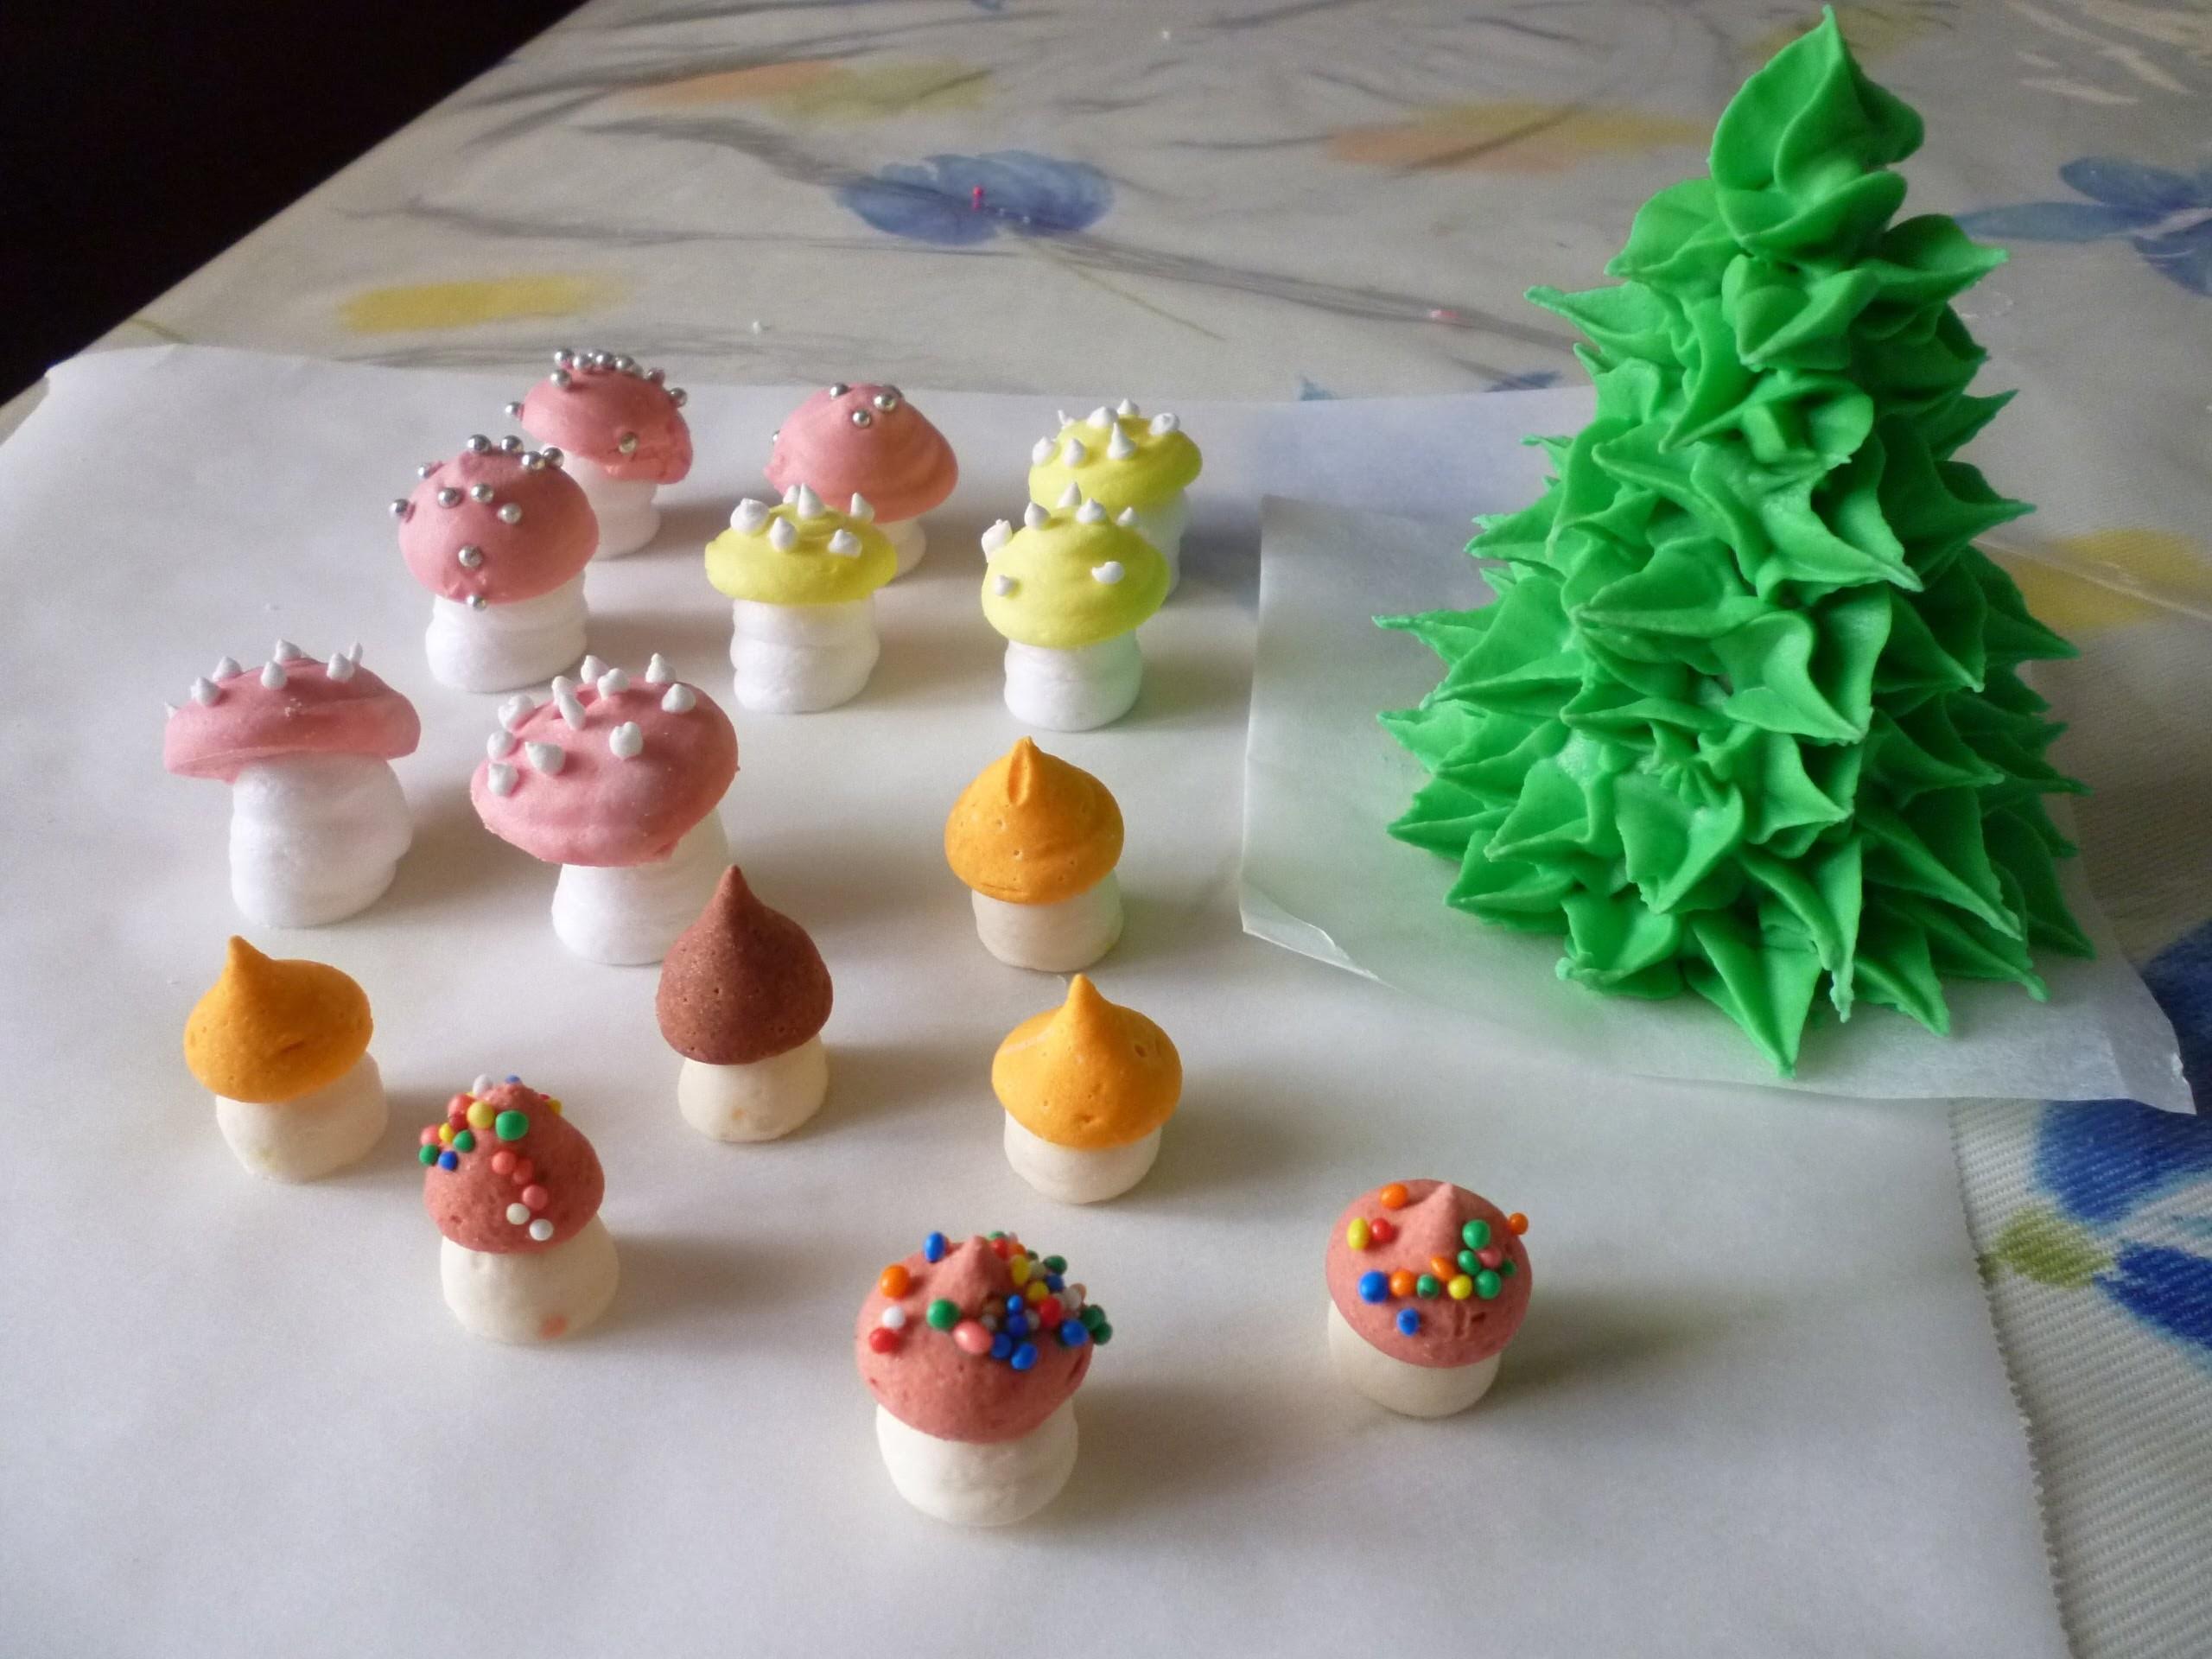 Decorazioni funghi in glassa reale decorations mushrooms - Decorazioni torte con glassa ...